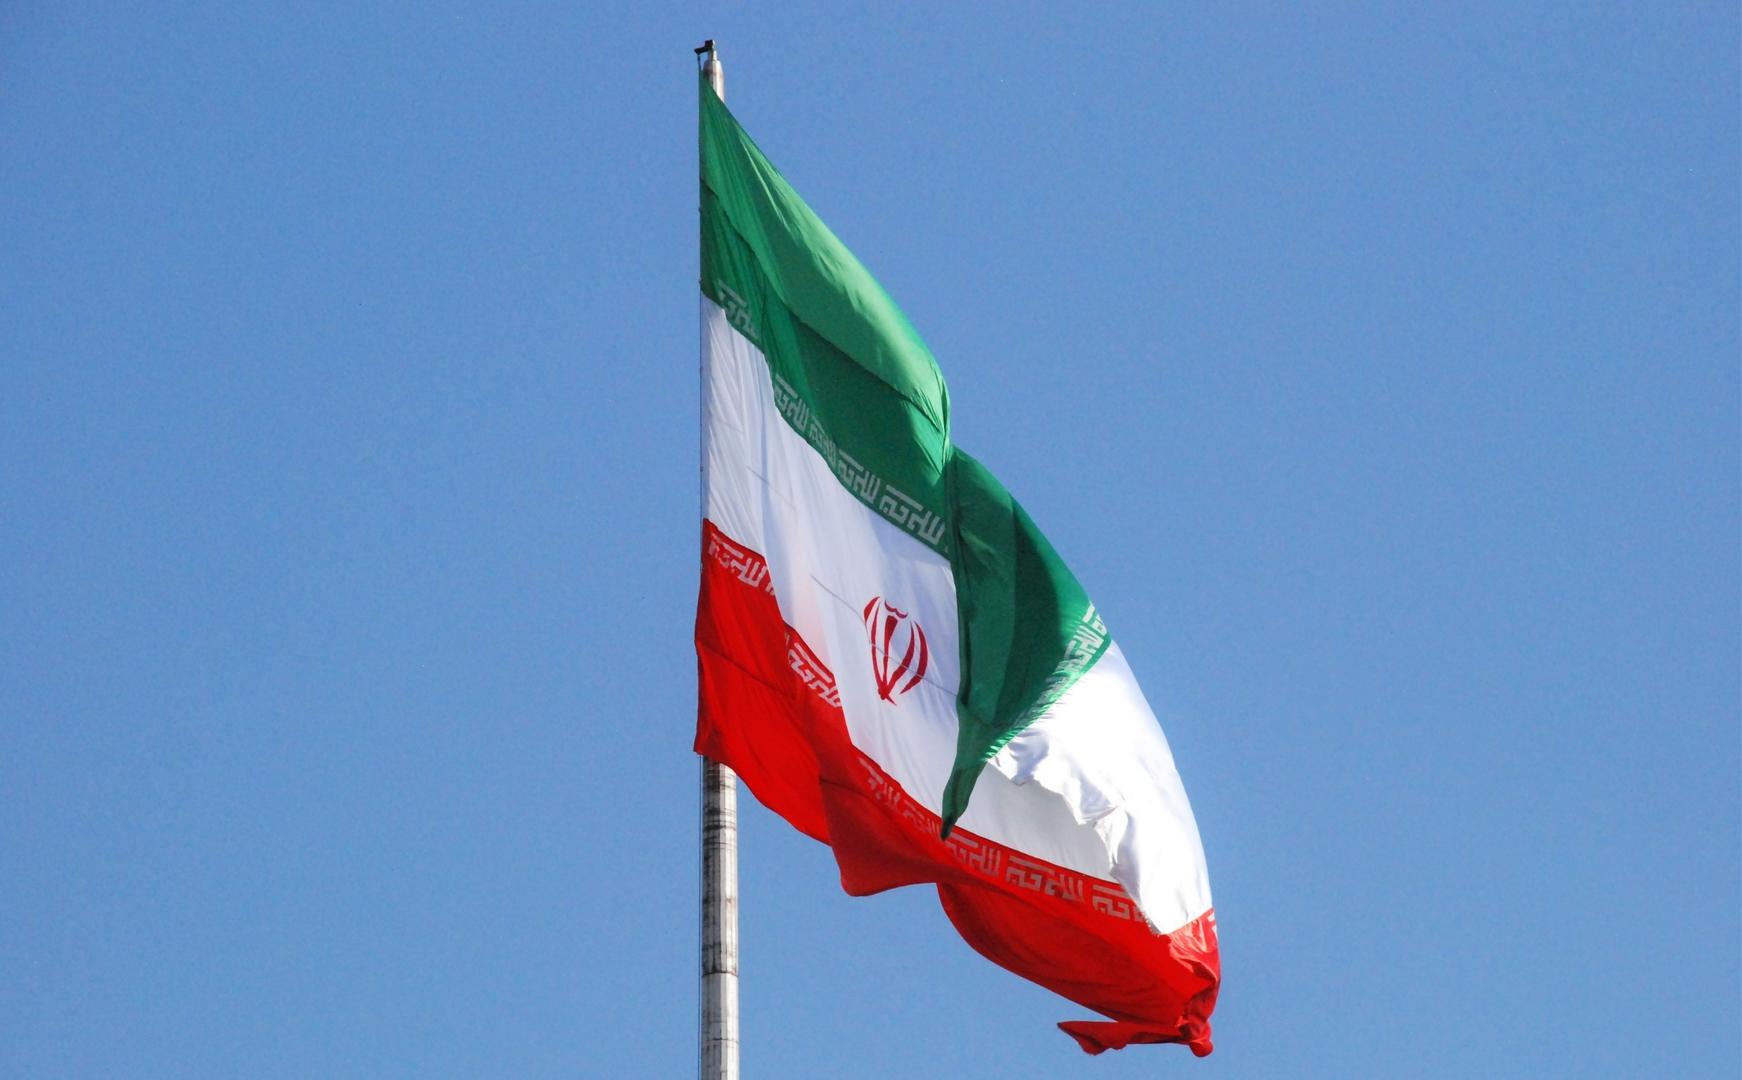 إيران تعلن القضاء على مجموعة مسلحة كانت تخطط